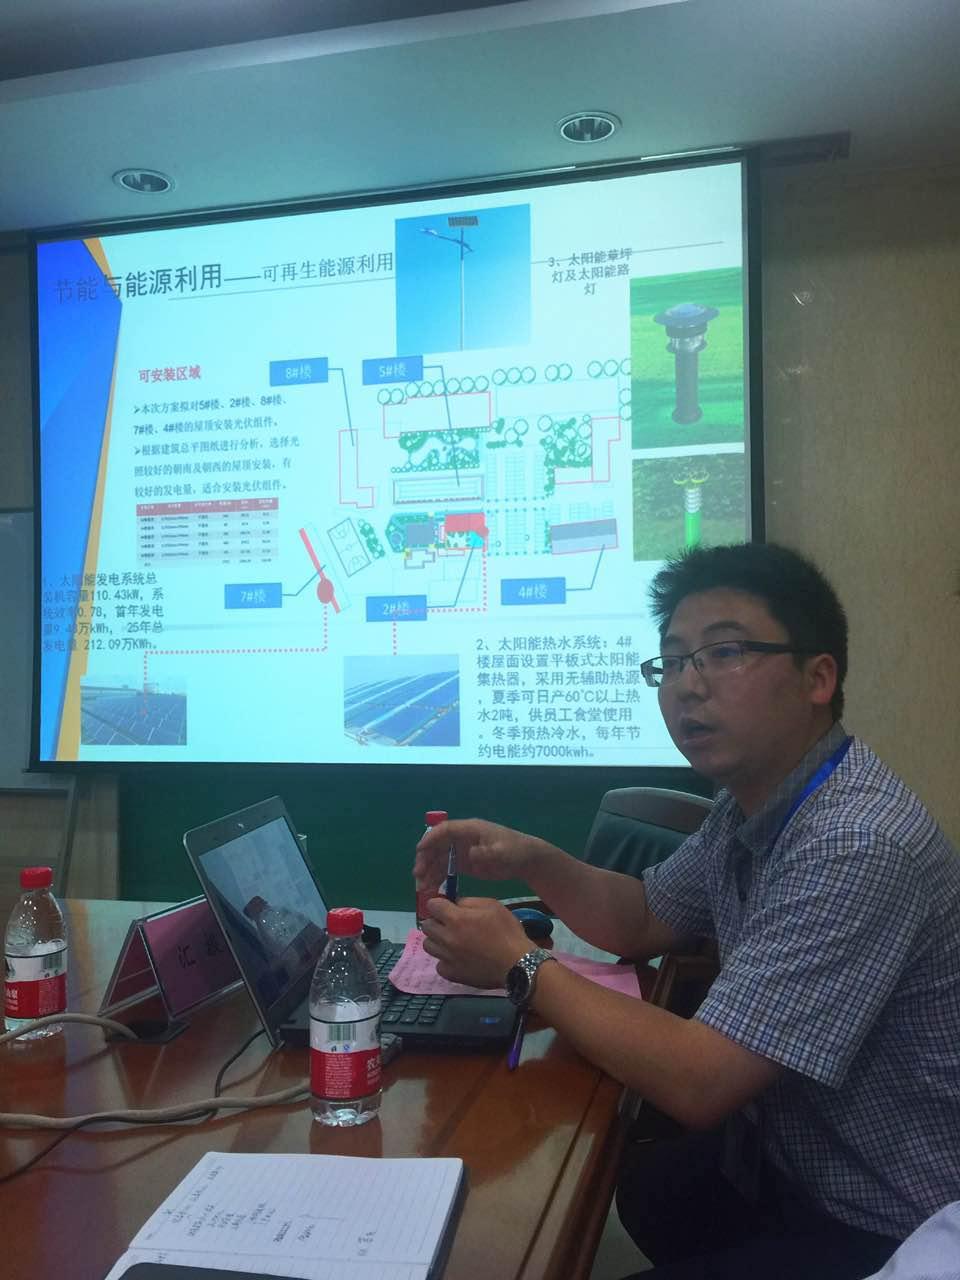 中煤科工集团重庆设计研究院有限公司戴辉自工程师汇报